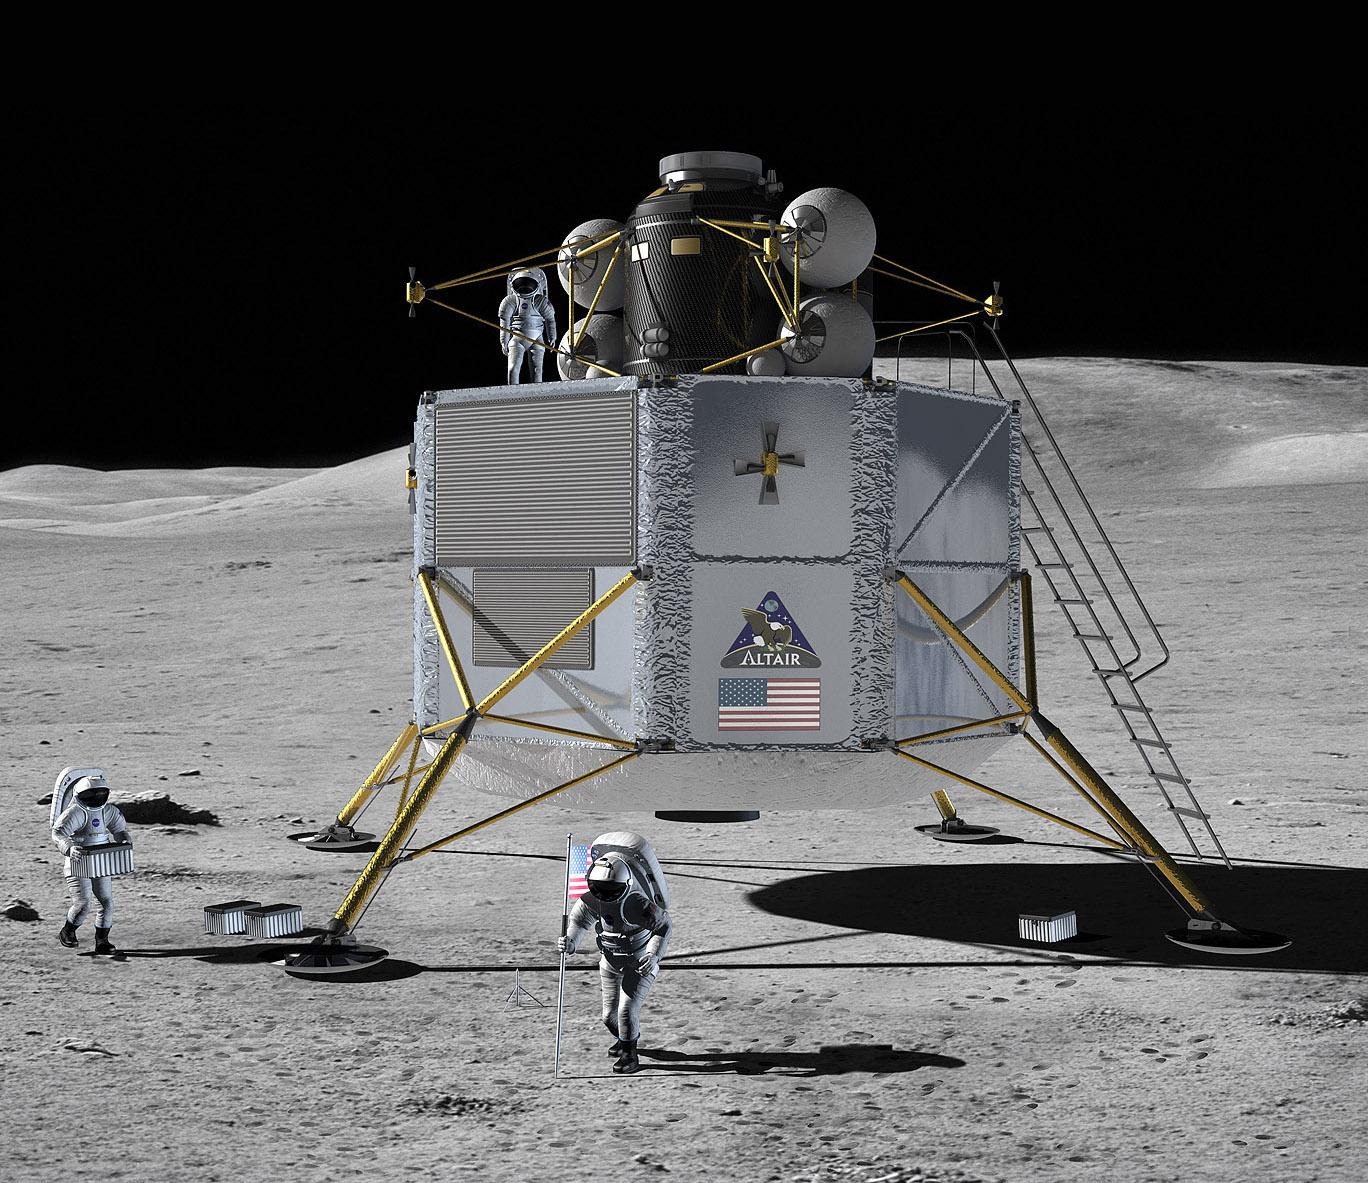 Lunar lander concept